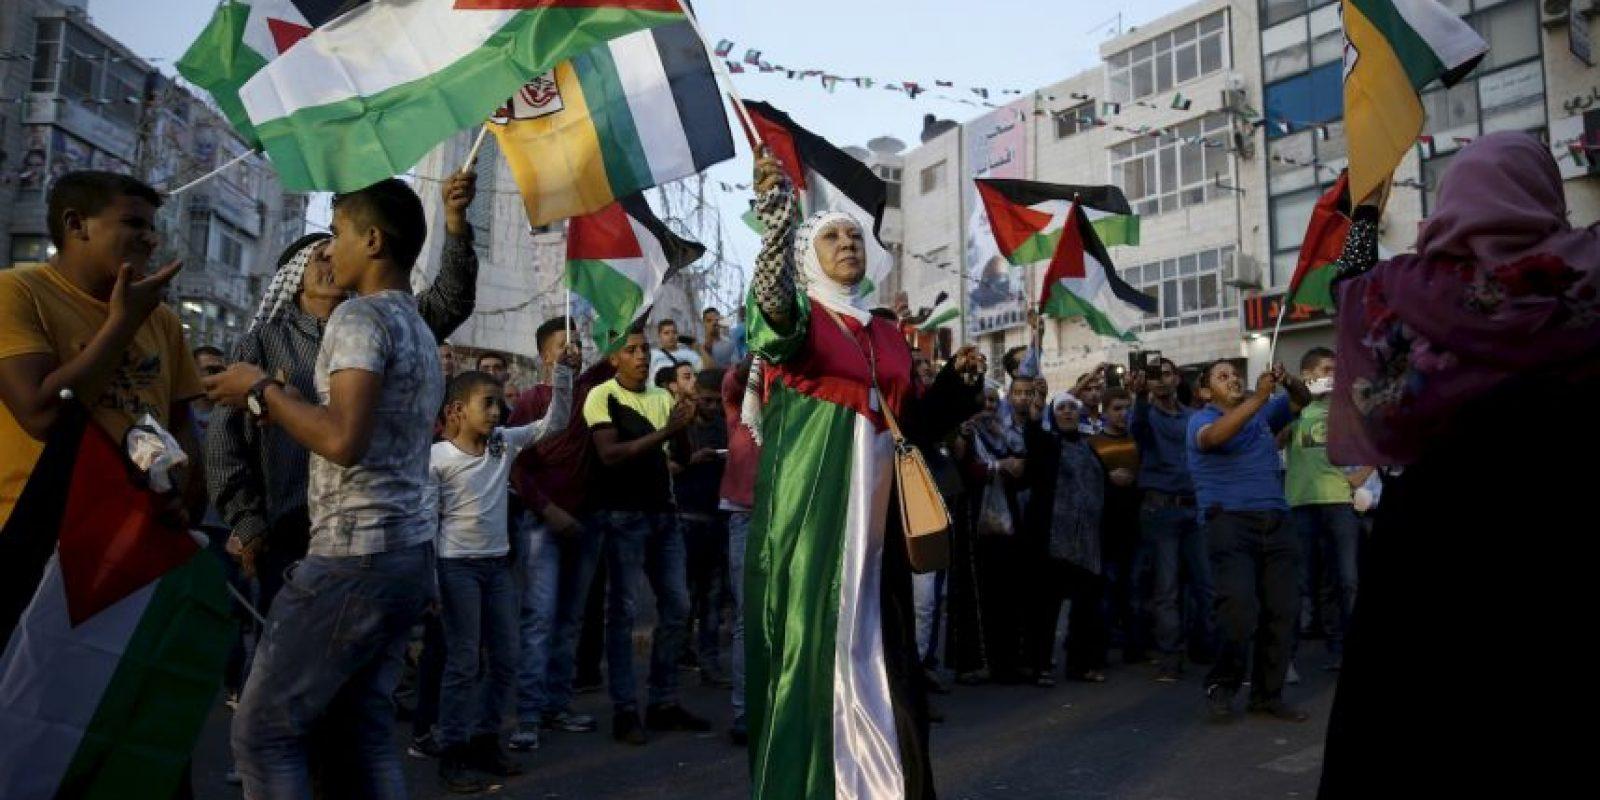 Palestinos celebran el izamiento de la bandera en la sede de las Naciones Unidas en Nueva York, así como el discurso del presidente Mahmud Abbas. Foto:AFP